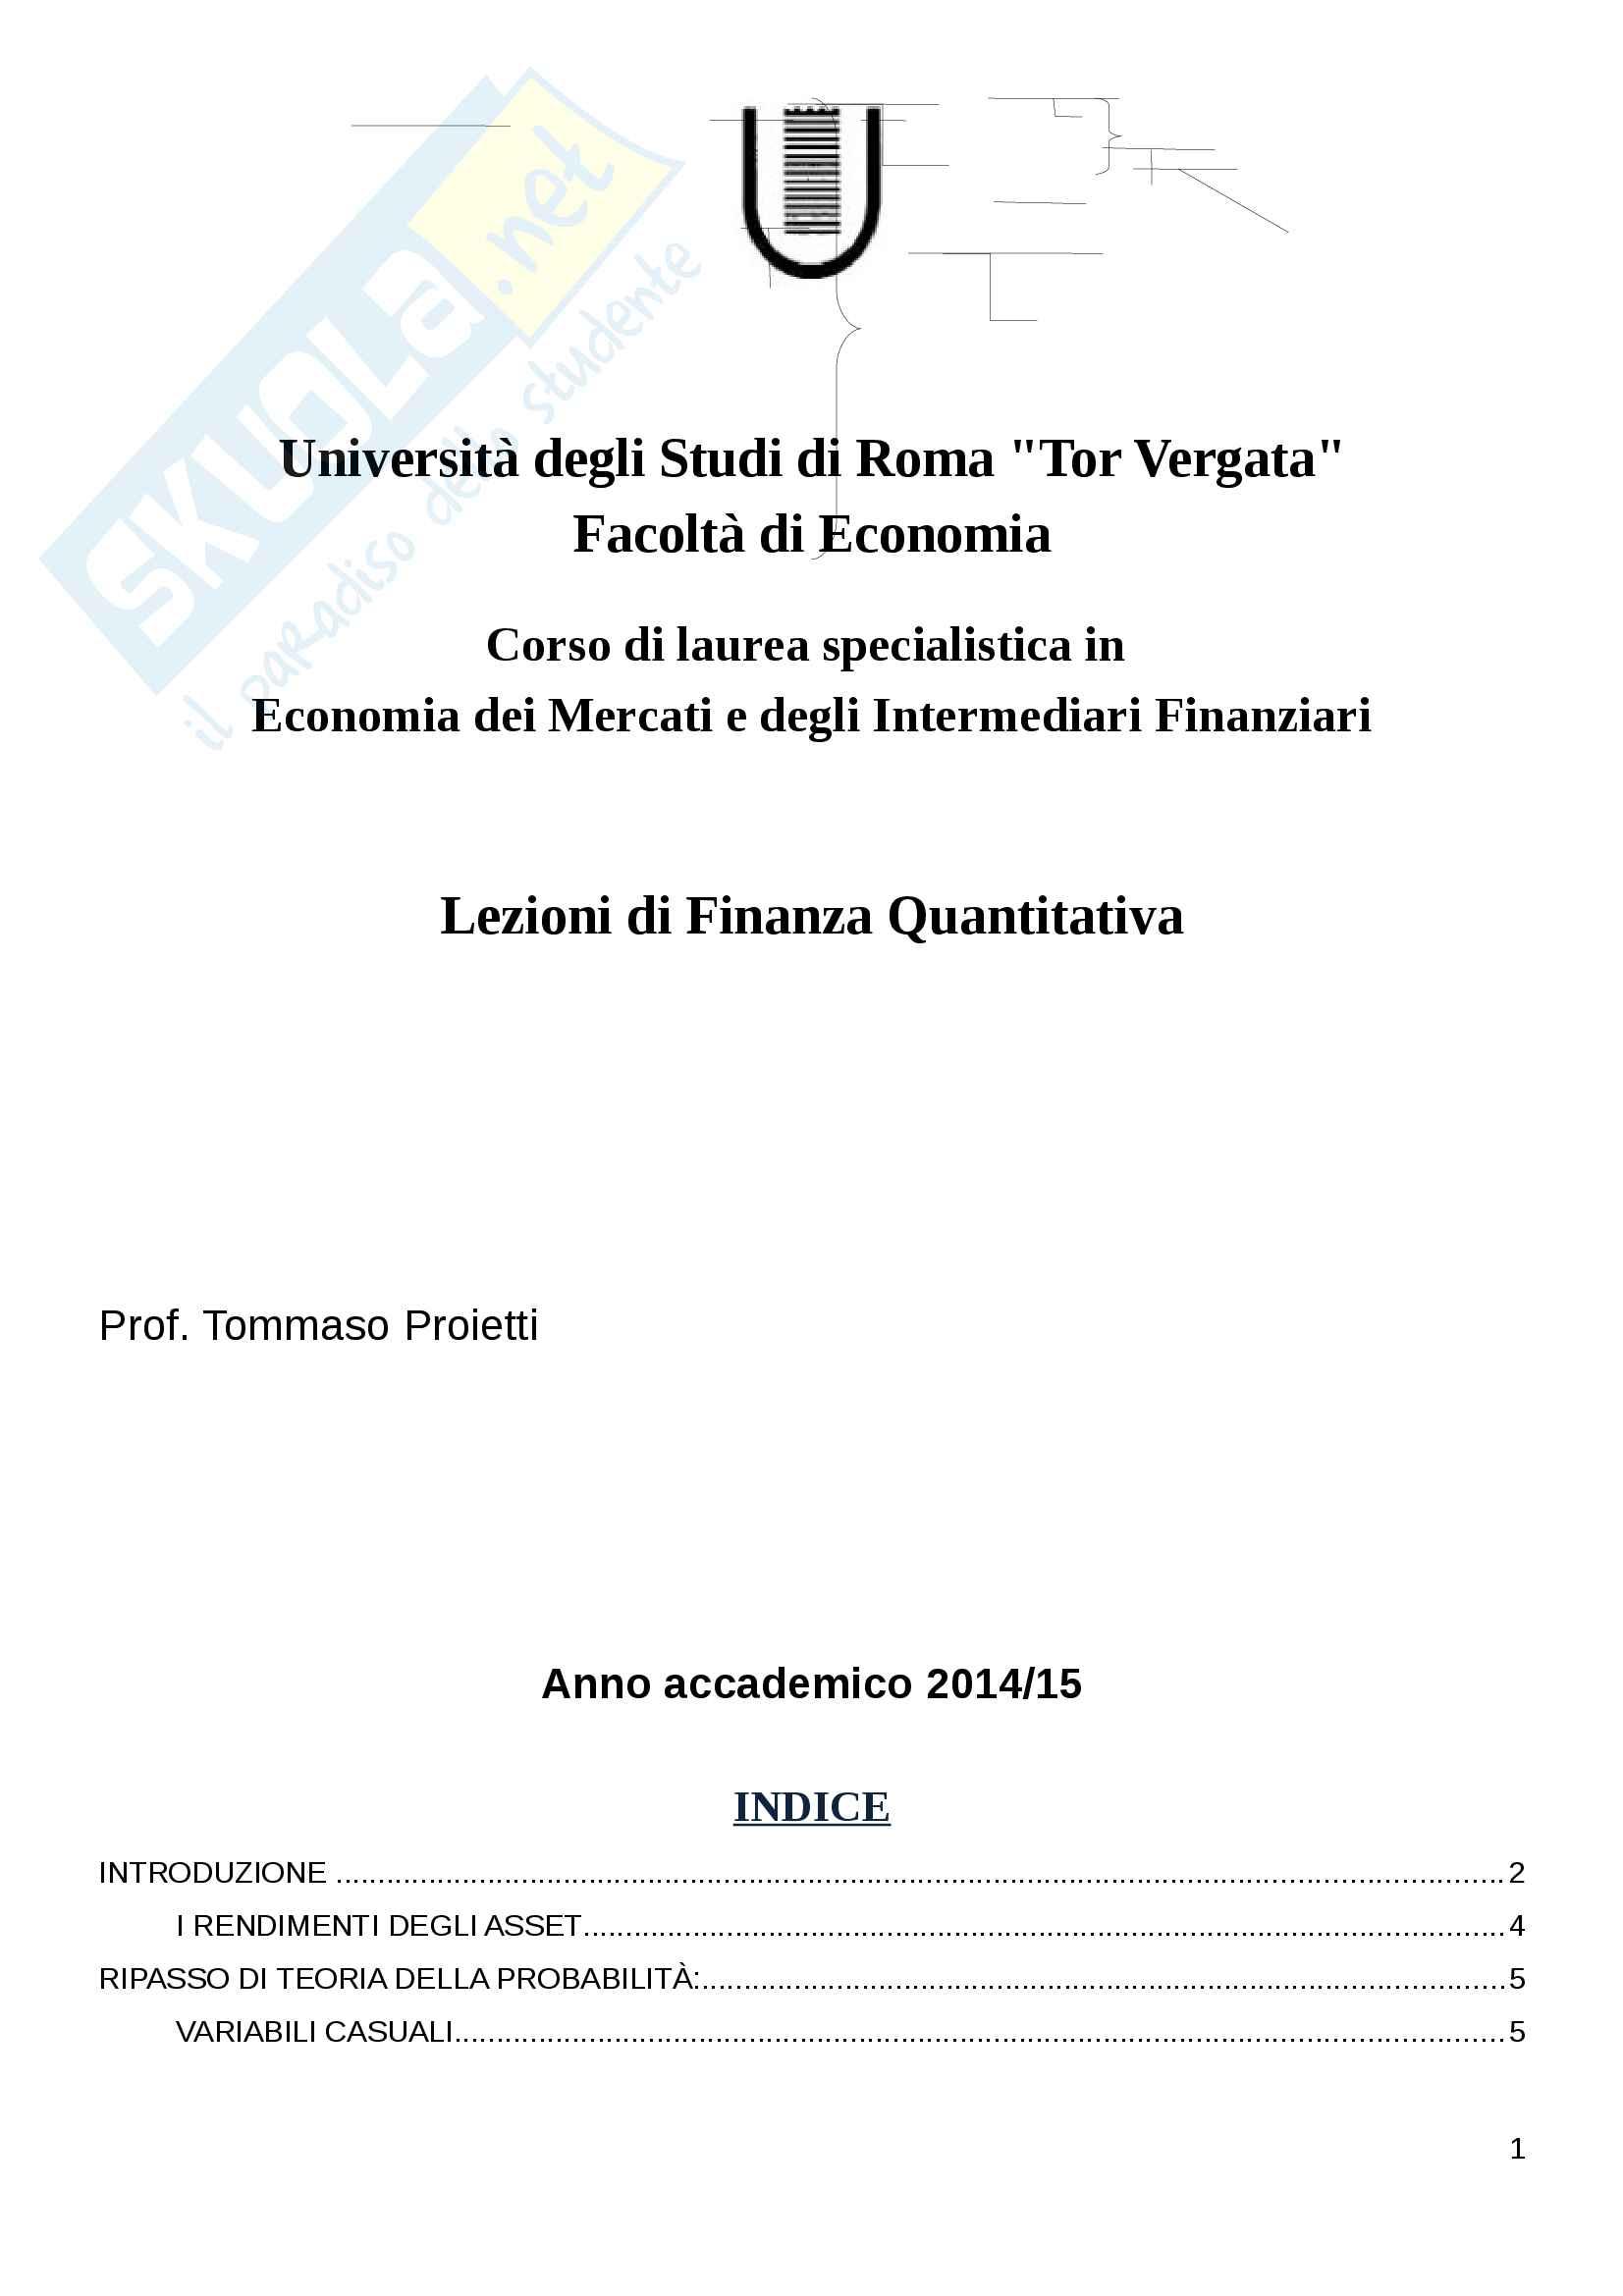 Appunti Finanza Quantitativa